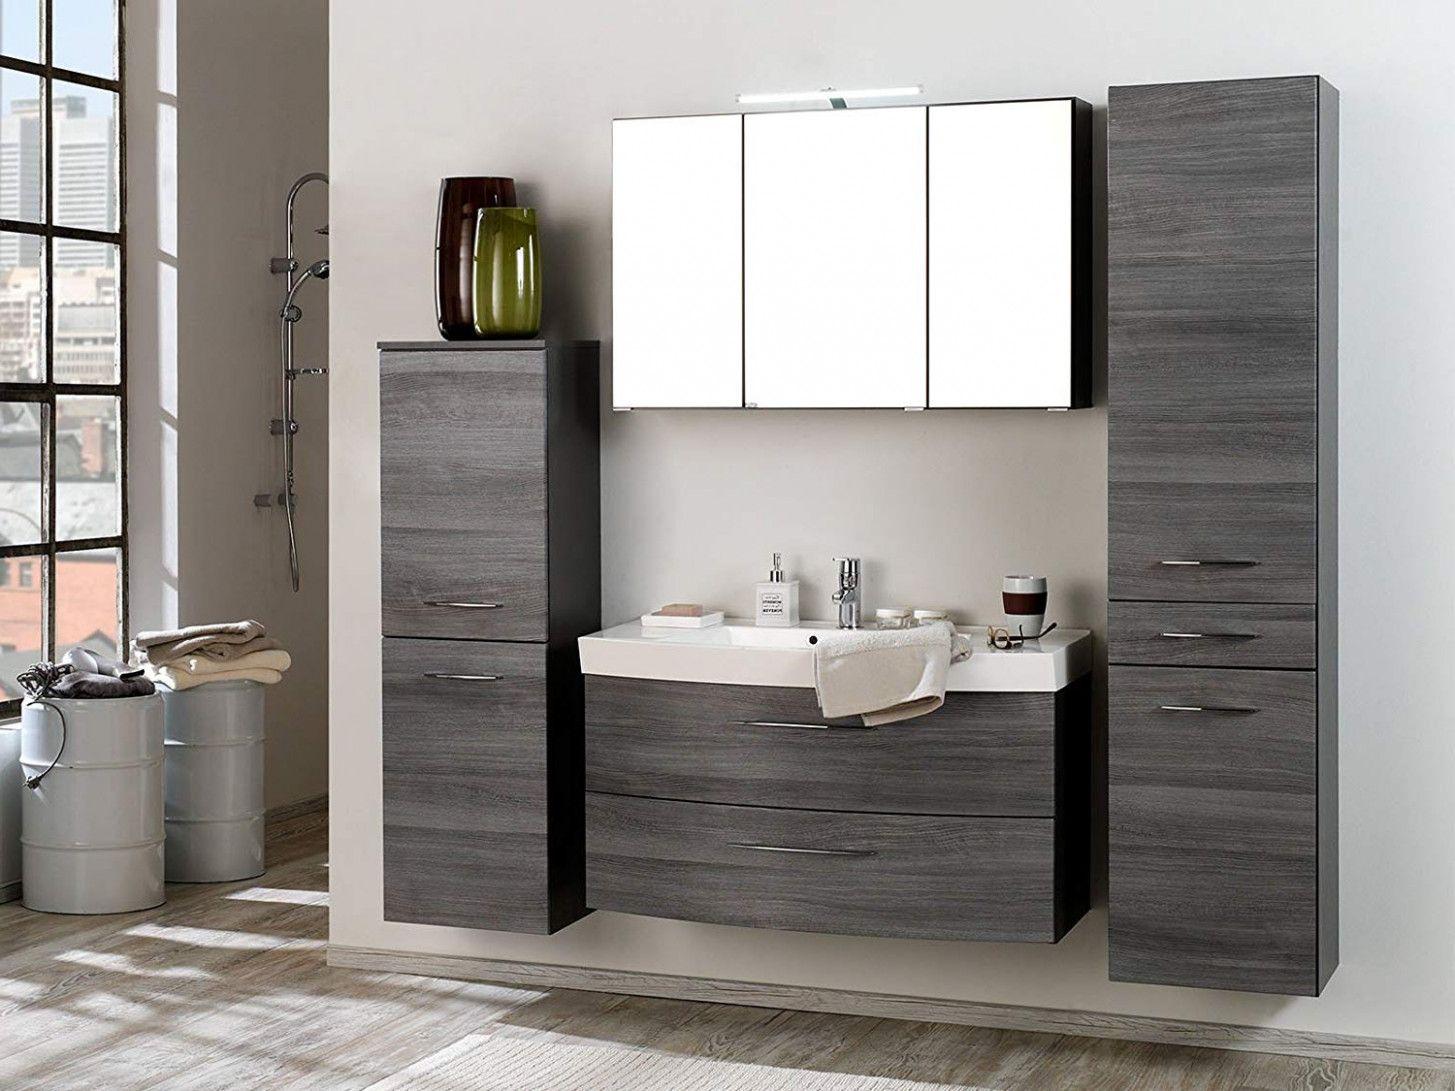 15 Grunde Warum Sie Nicht Alleine Zum Badezimmerschrank Badezimmer Set Schone Badezimmer Badezimmer Fliesen Bilder